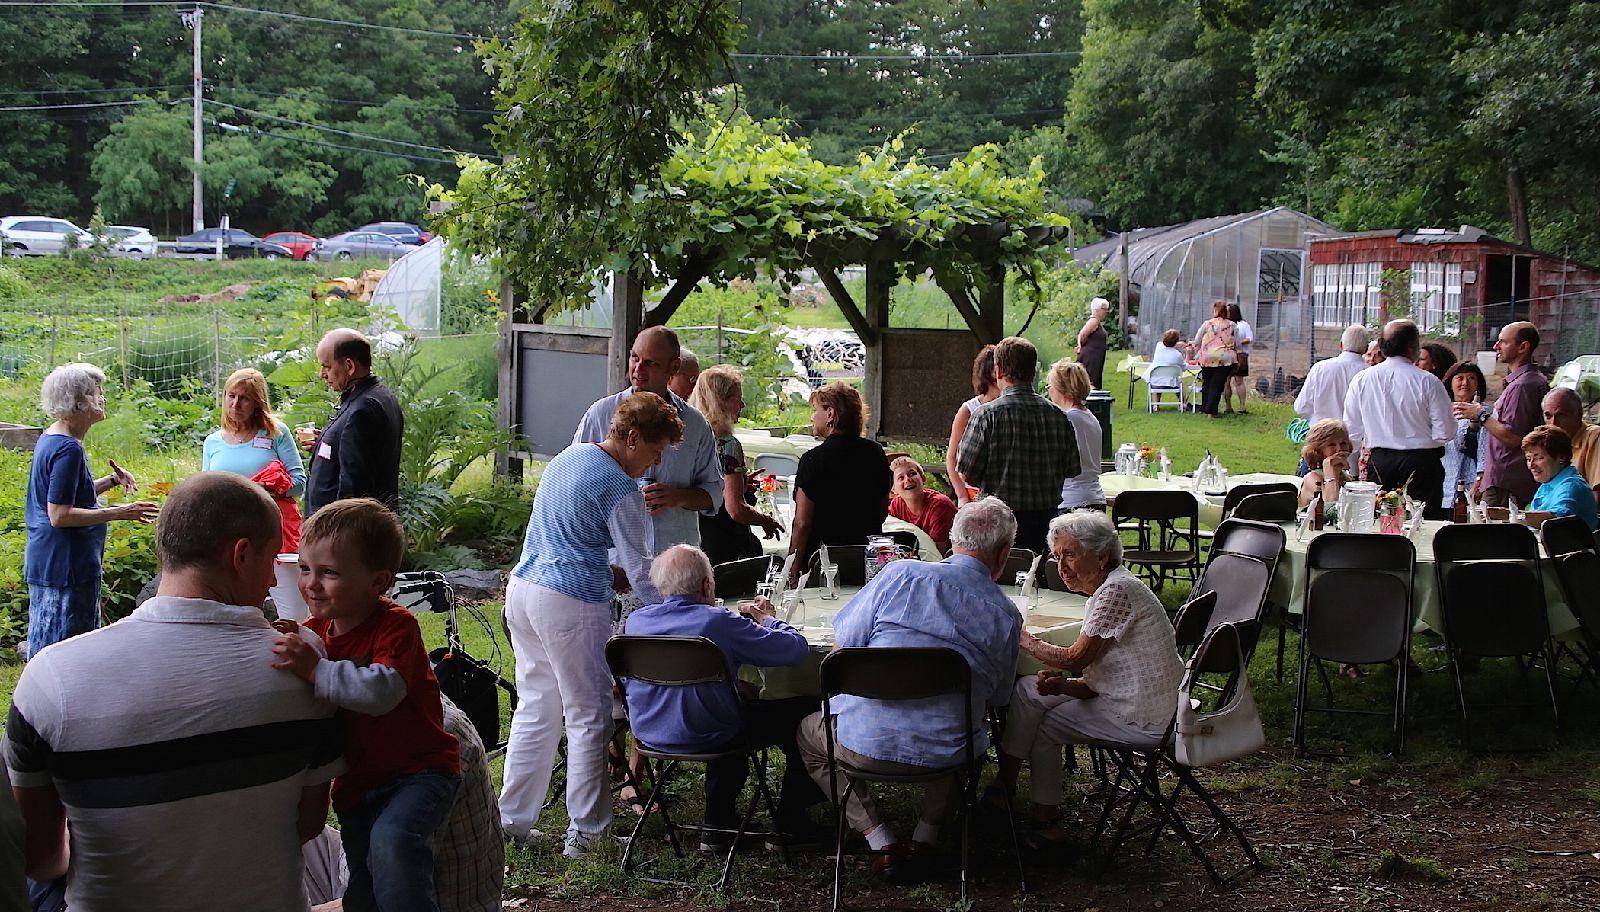 Dinner_on_the_farm_attendees_7_15.jpg